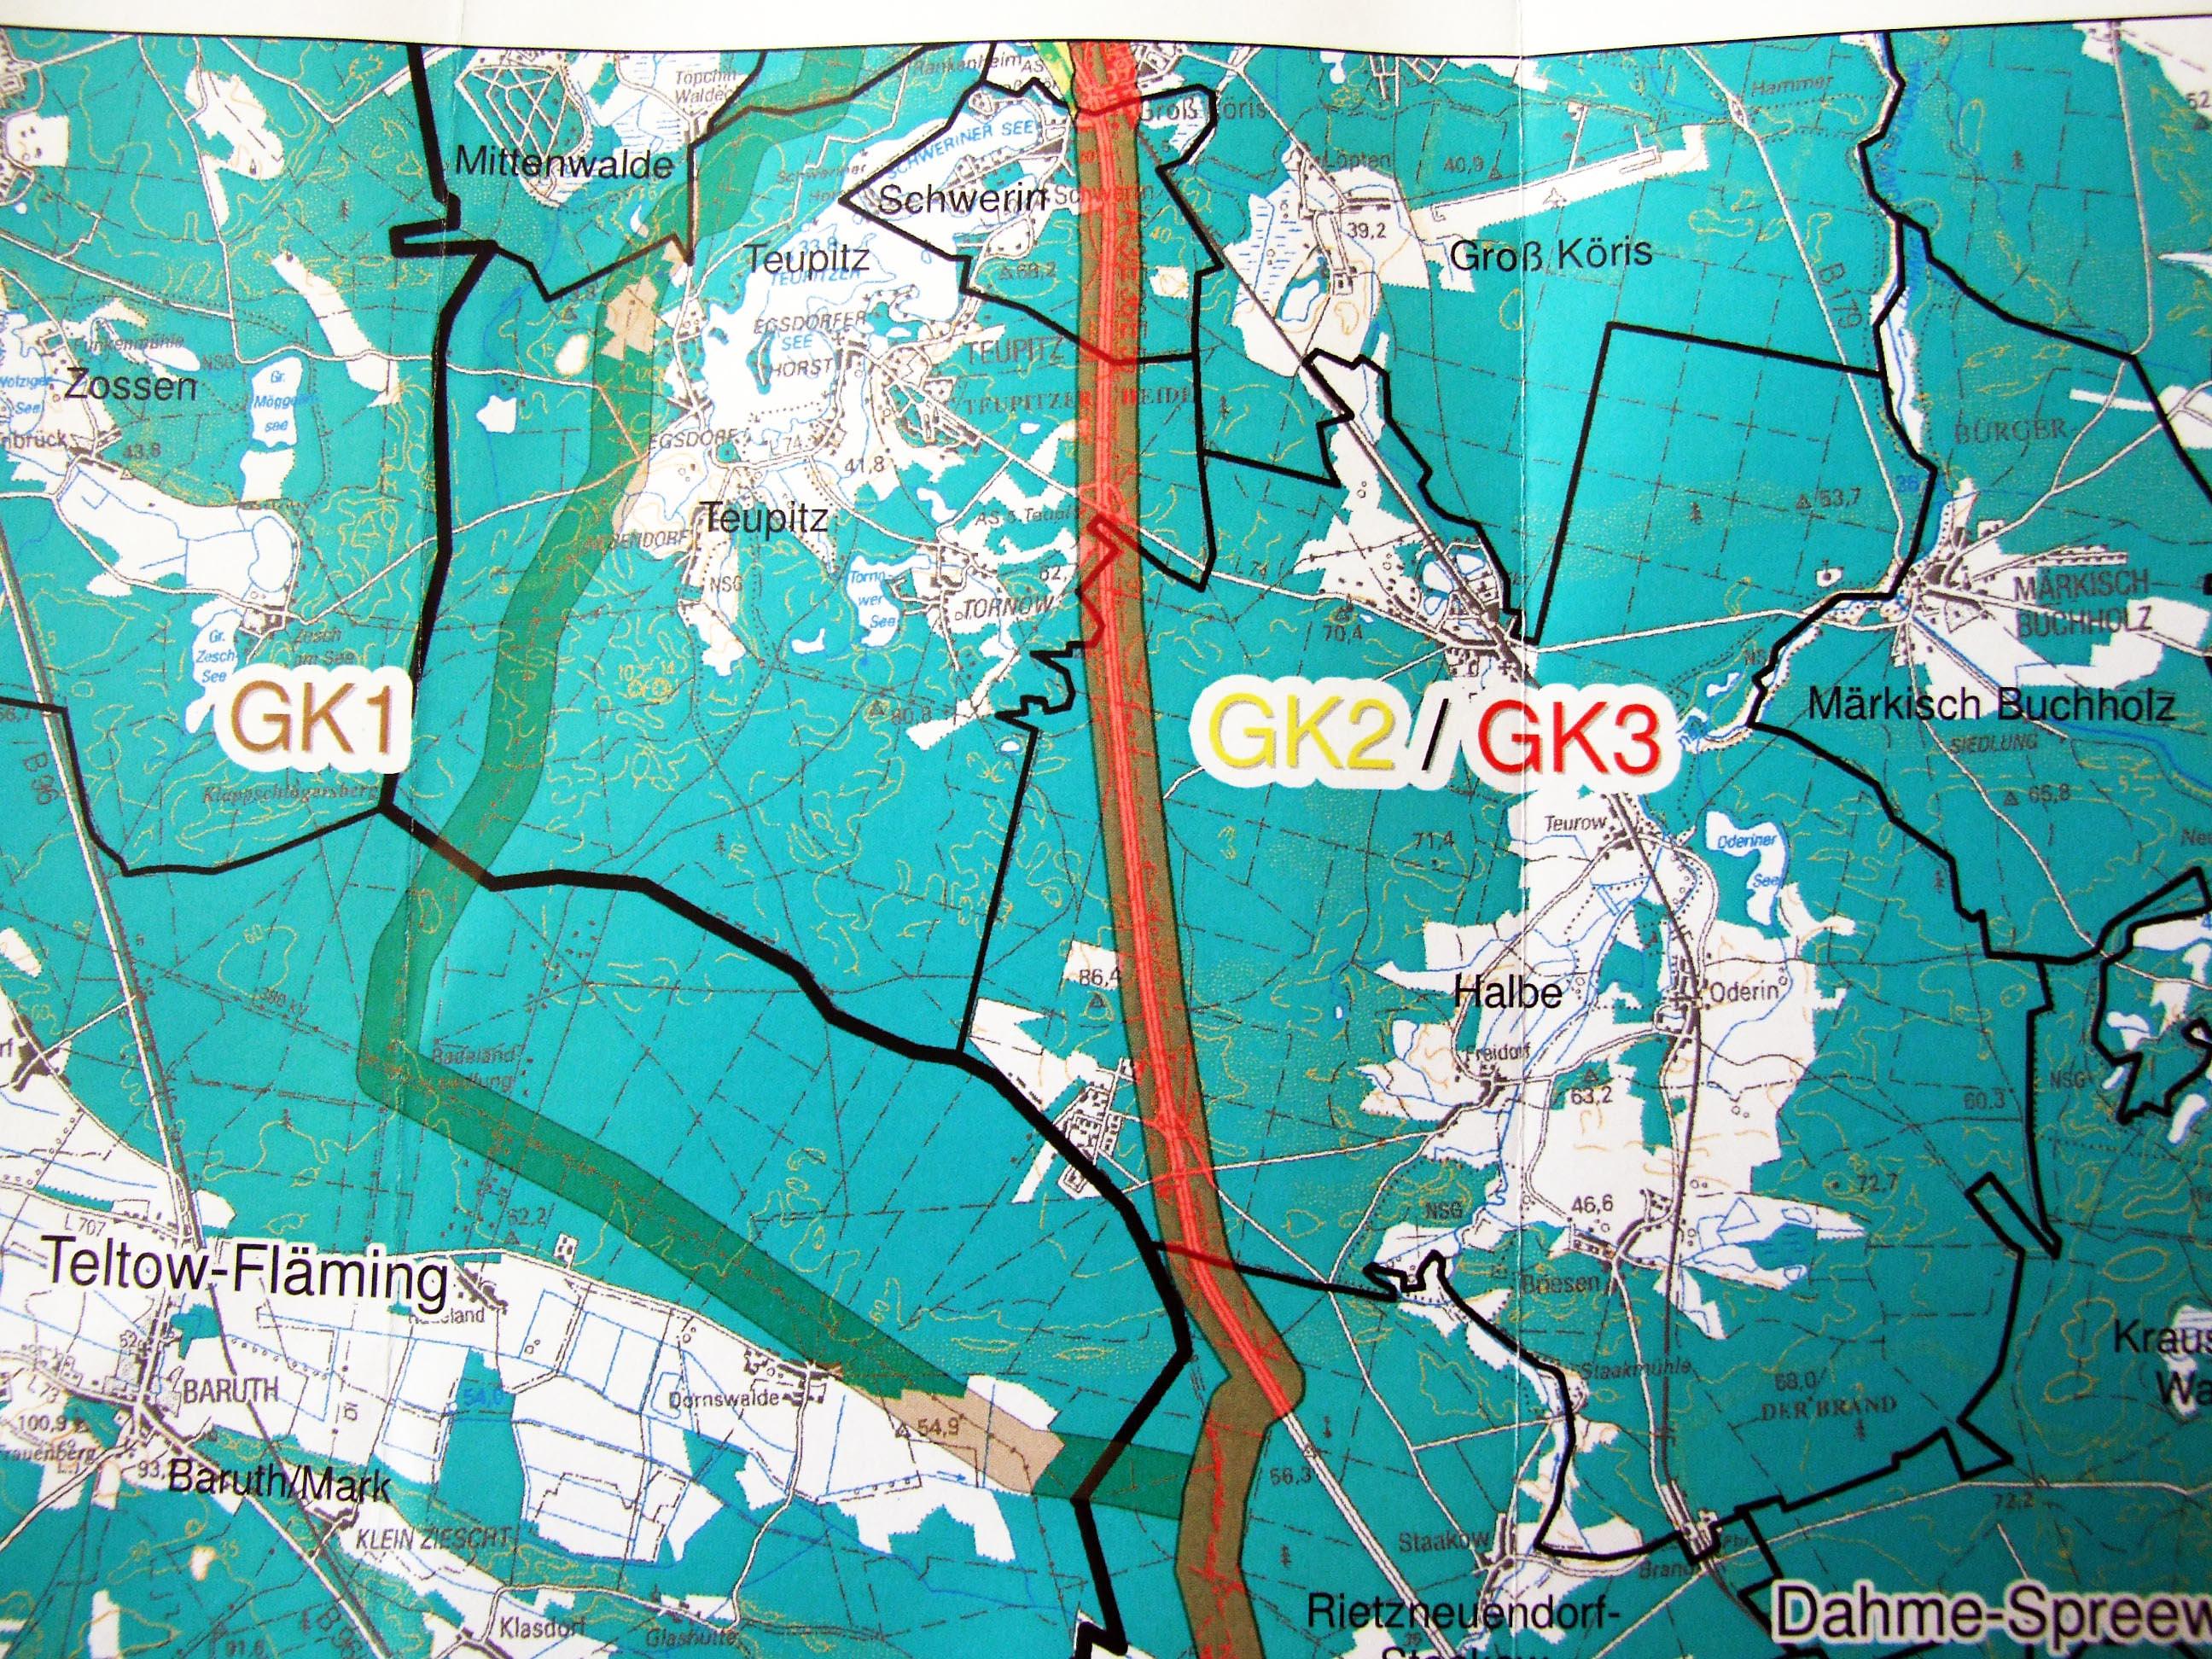 Gross Koeris Trassenvarianten OPAL, Detail GK-Teupitz, Süden